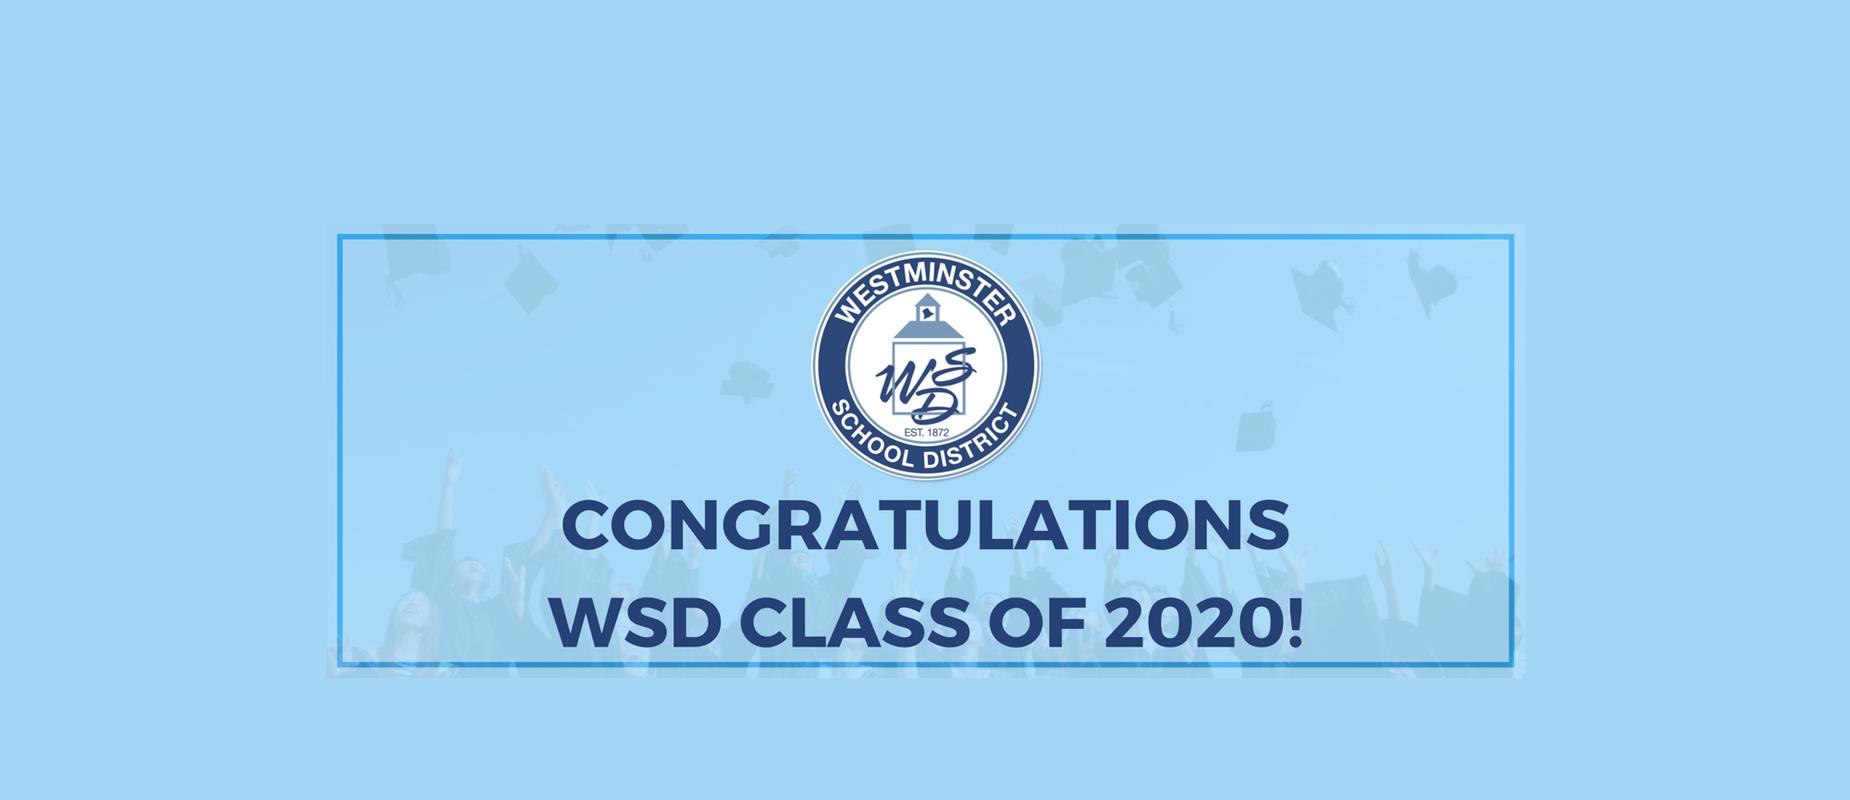 congrats 2020